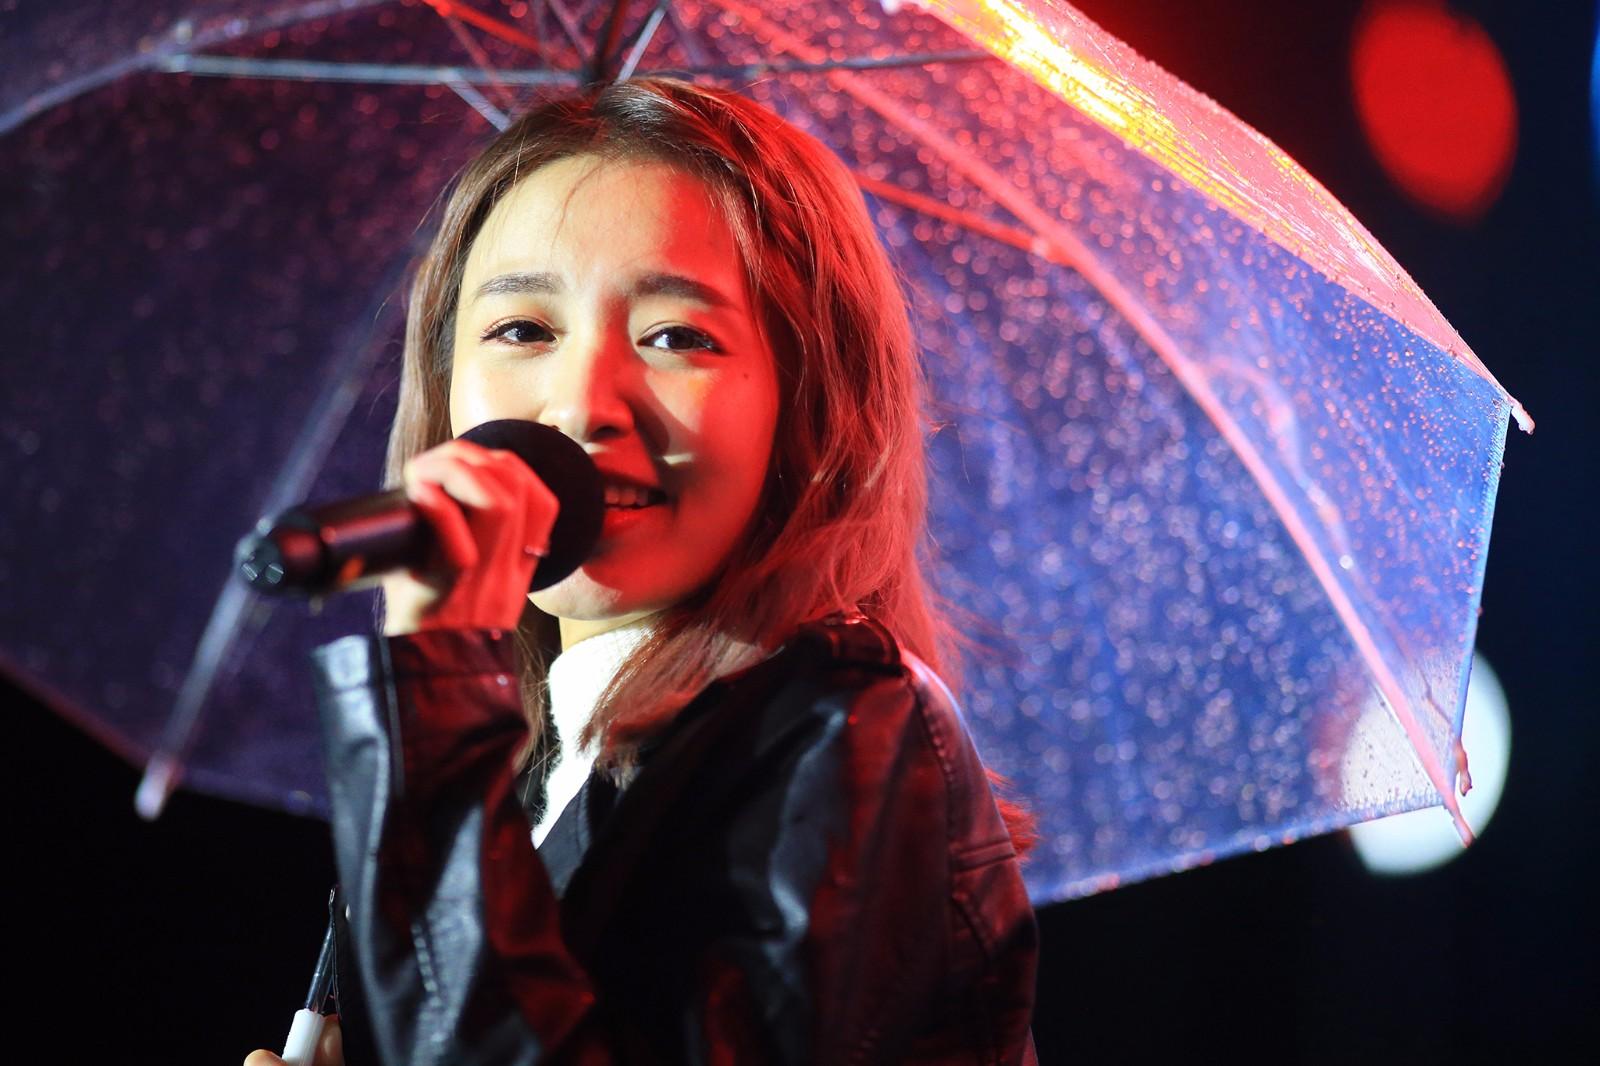 南拳妈妈女主唱_南拳妈妈女主唱梁心颐(lara) 雨中丽影